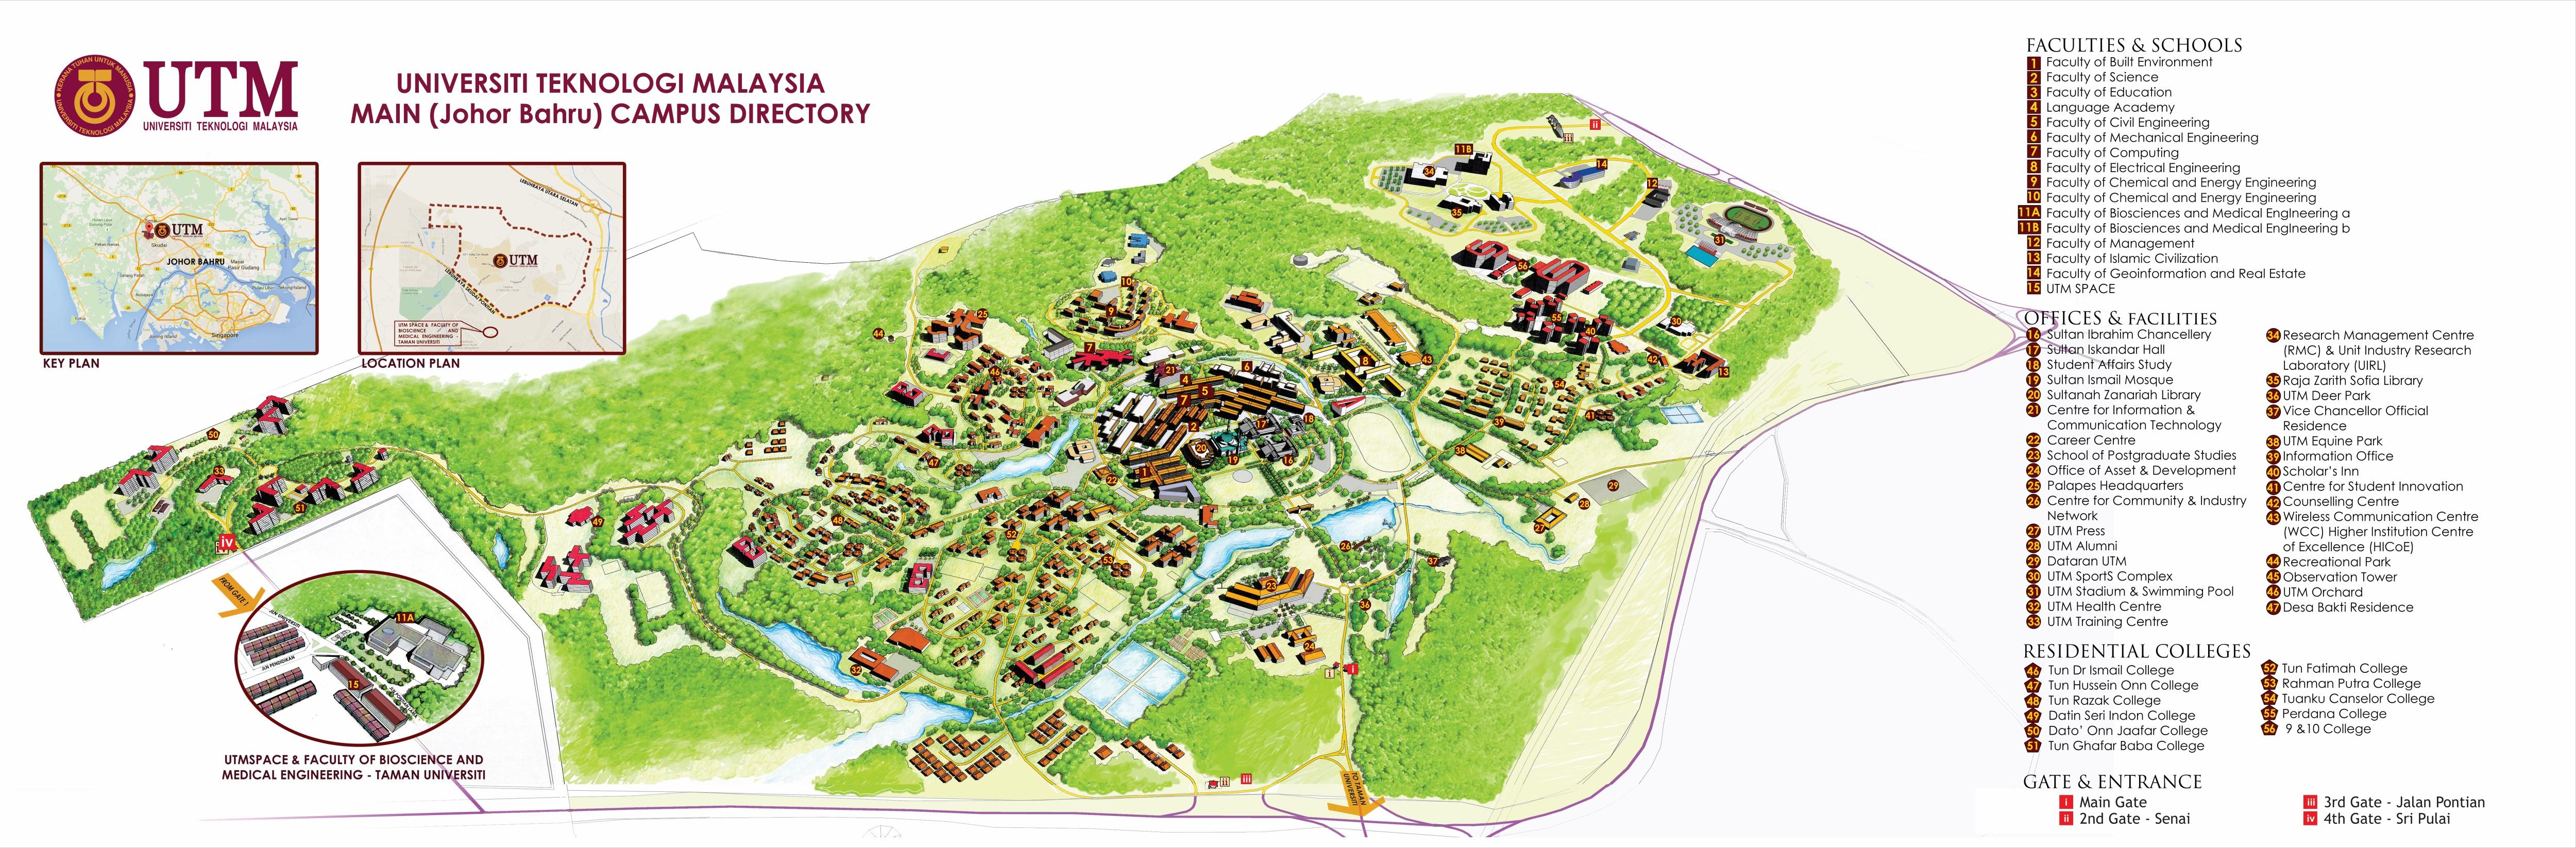 Utm Campus Map Campus Map | UTM International